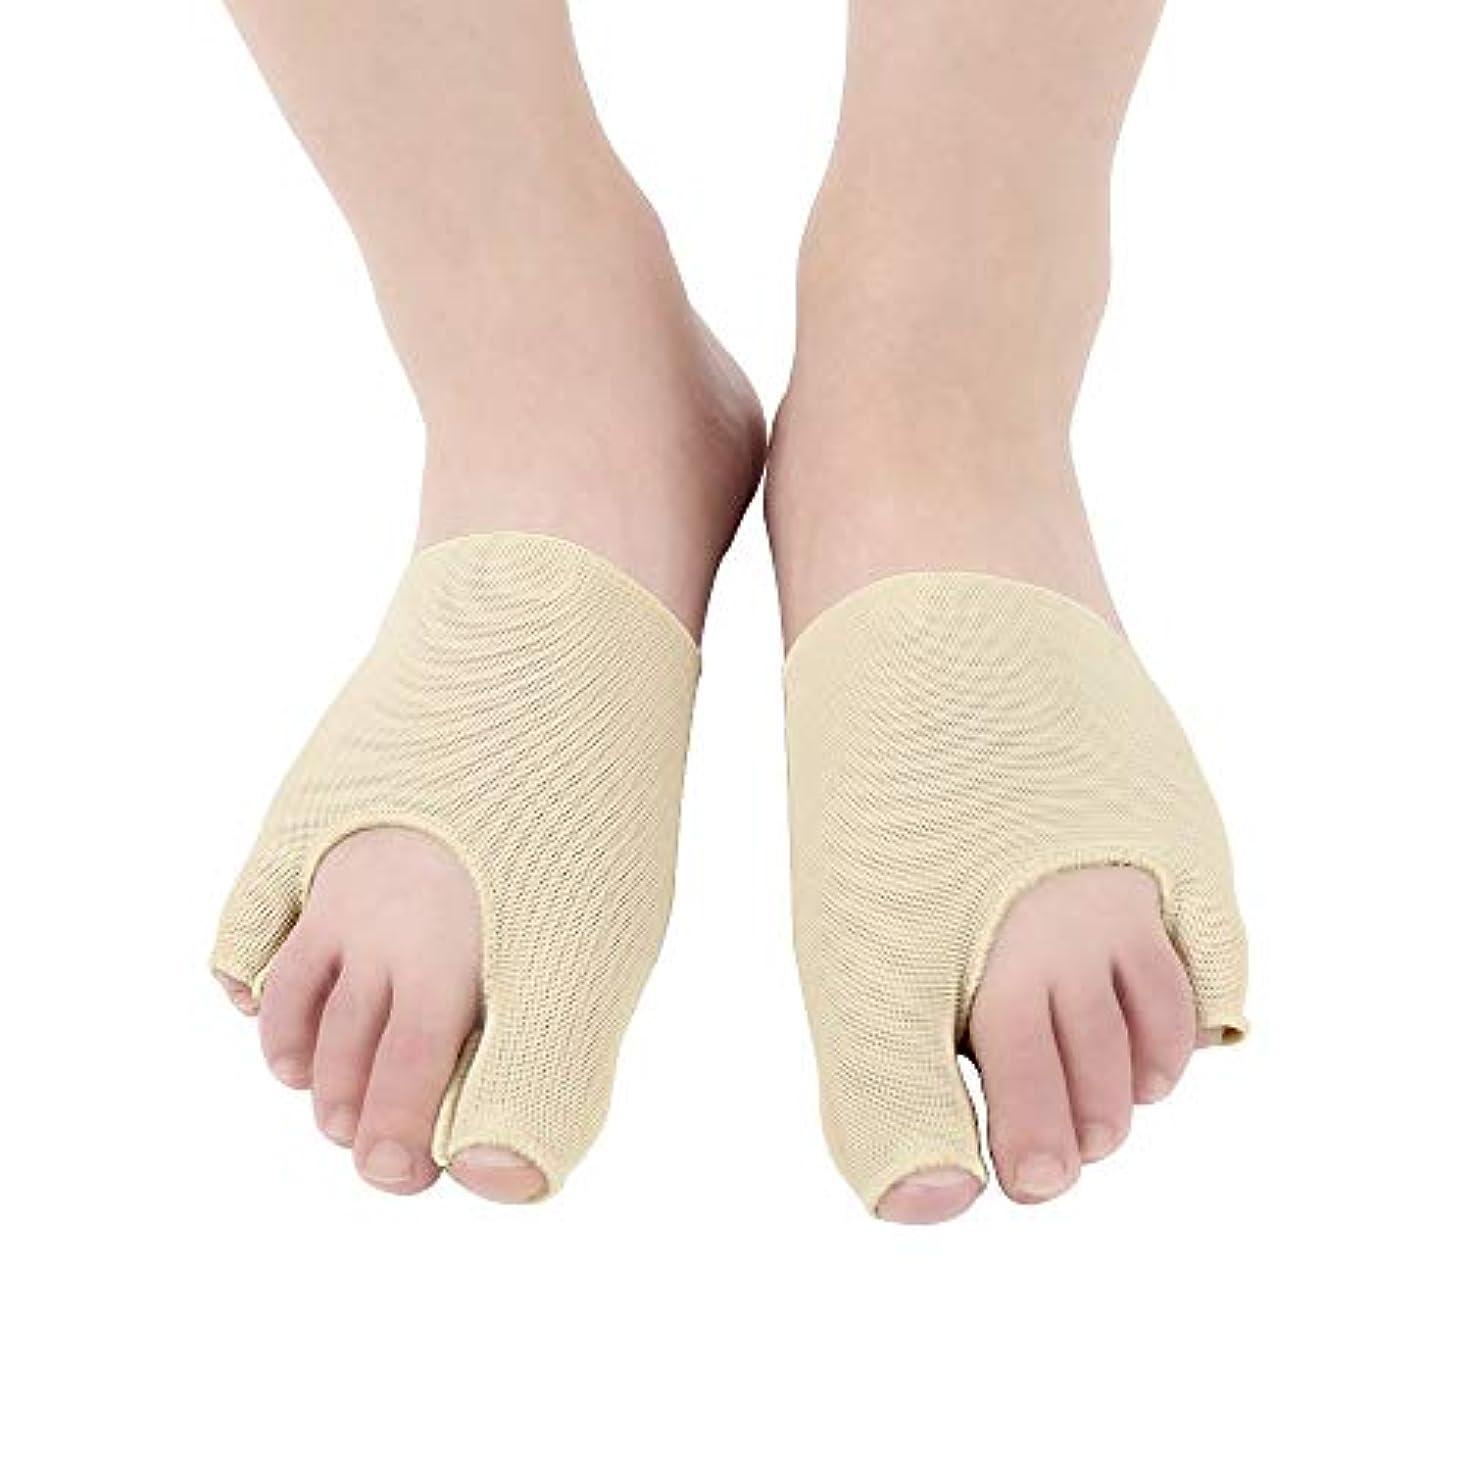 オートメーションフォロー雪の高弾性のためのつま先補正靴下ケア厚手のダンピング吸収汗通気性ナイロン布をつま先外反の重複を防ぐために吸収,2pairs,S